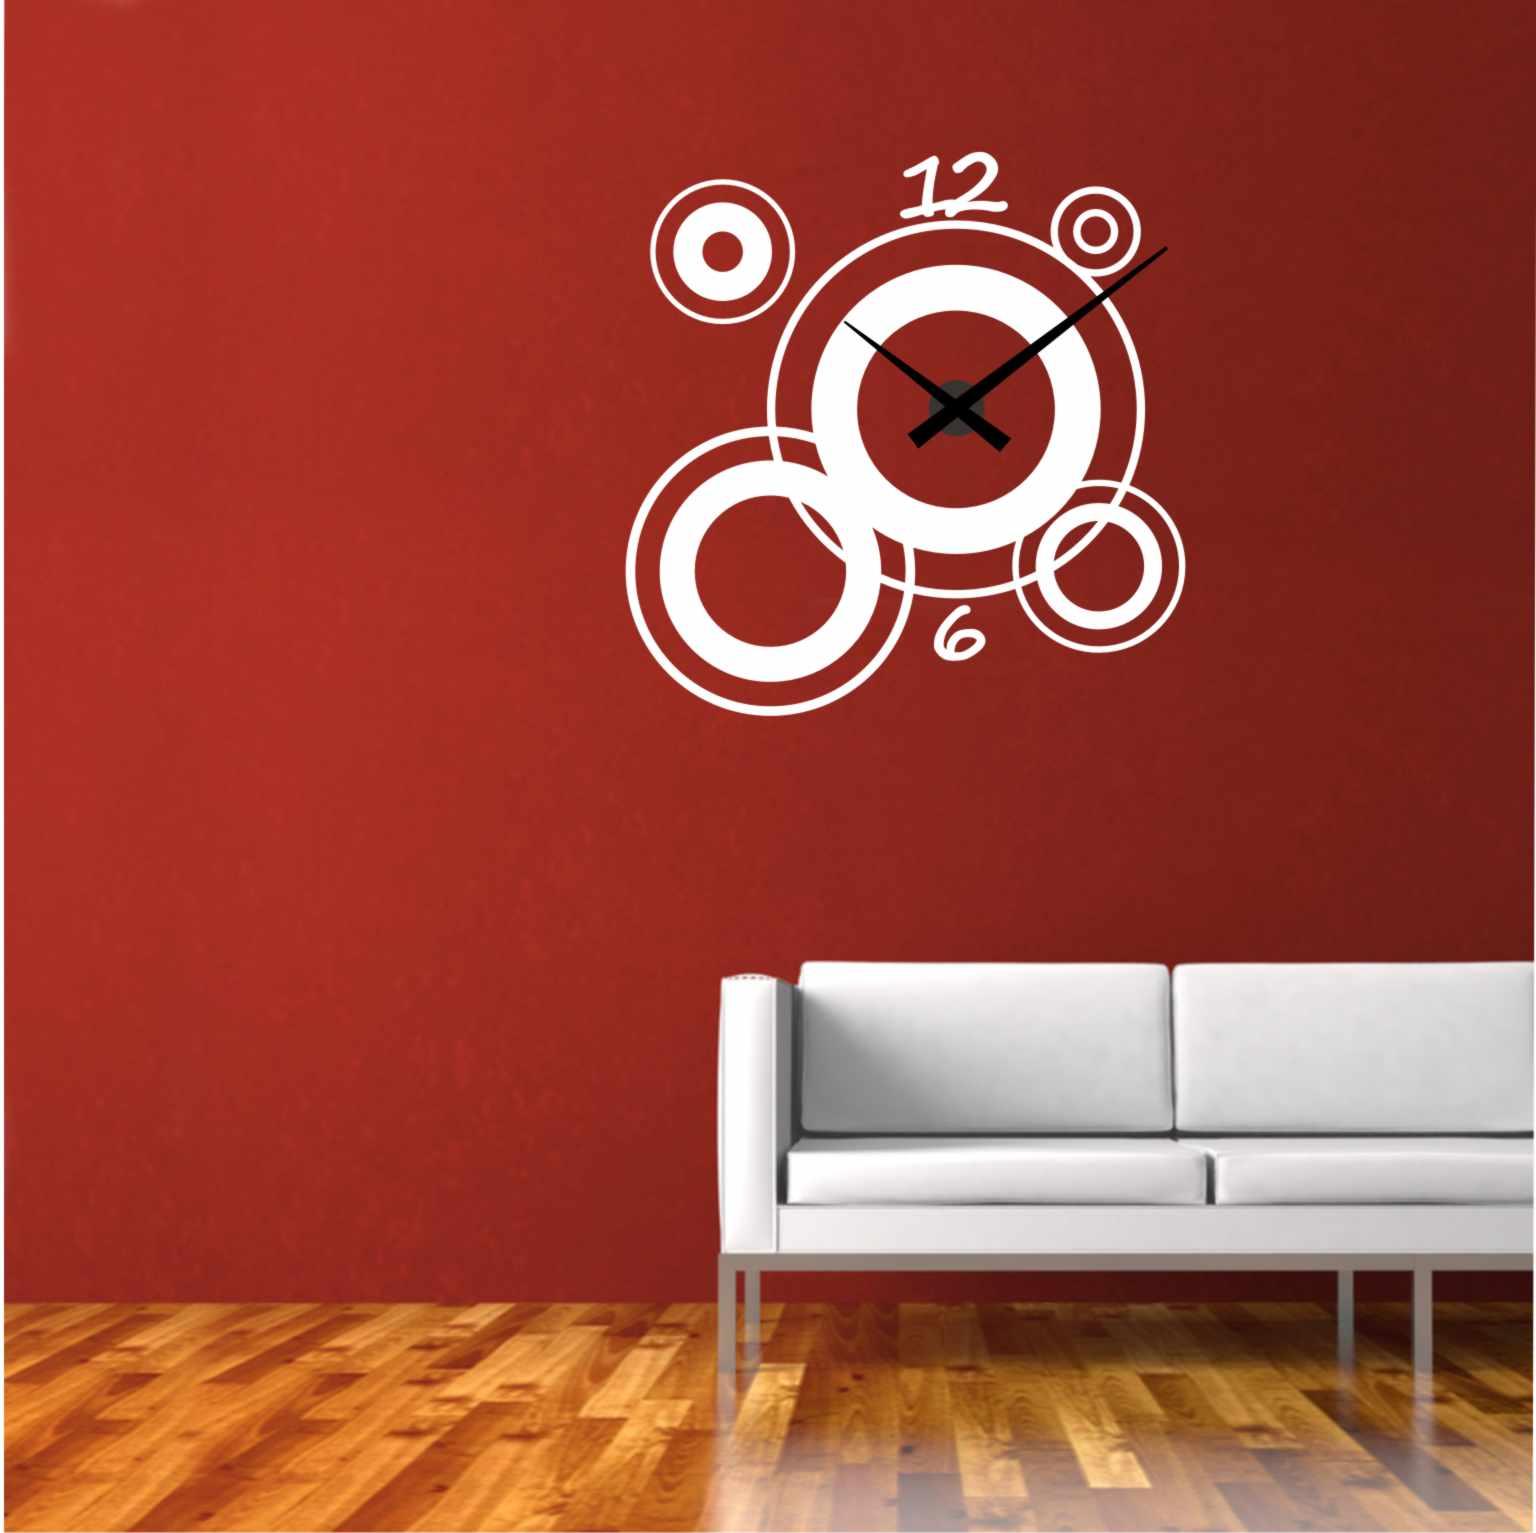 Relojesyvinilos reloj de pared moderno c rculos for Relojes de cocina modernos